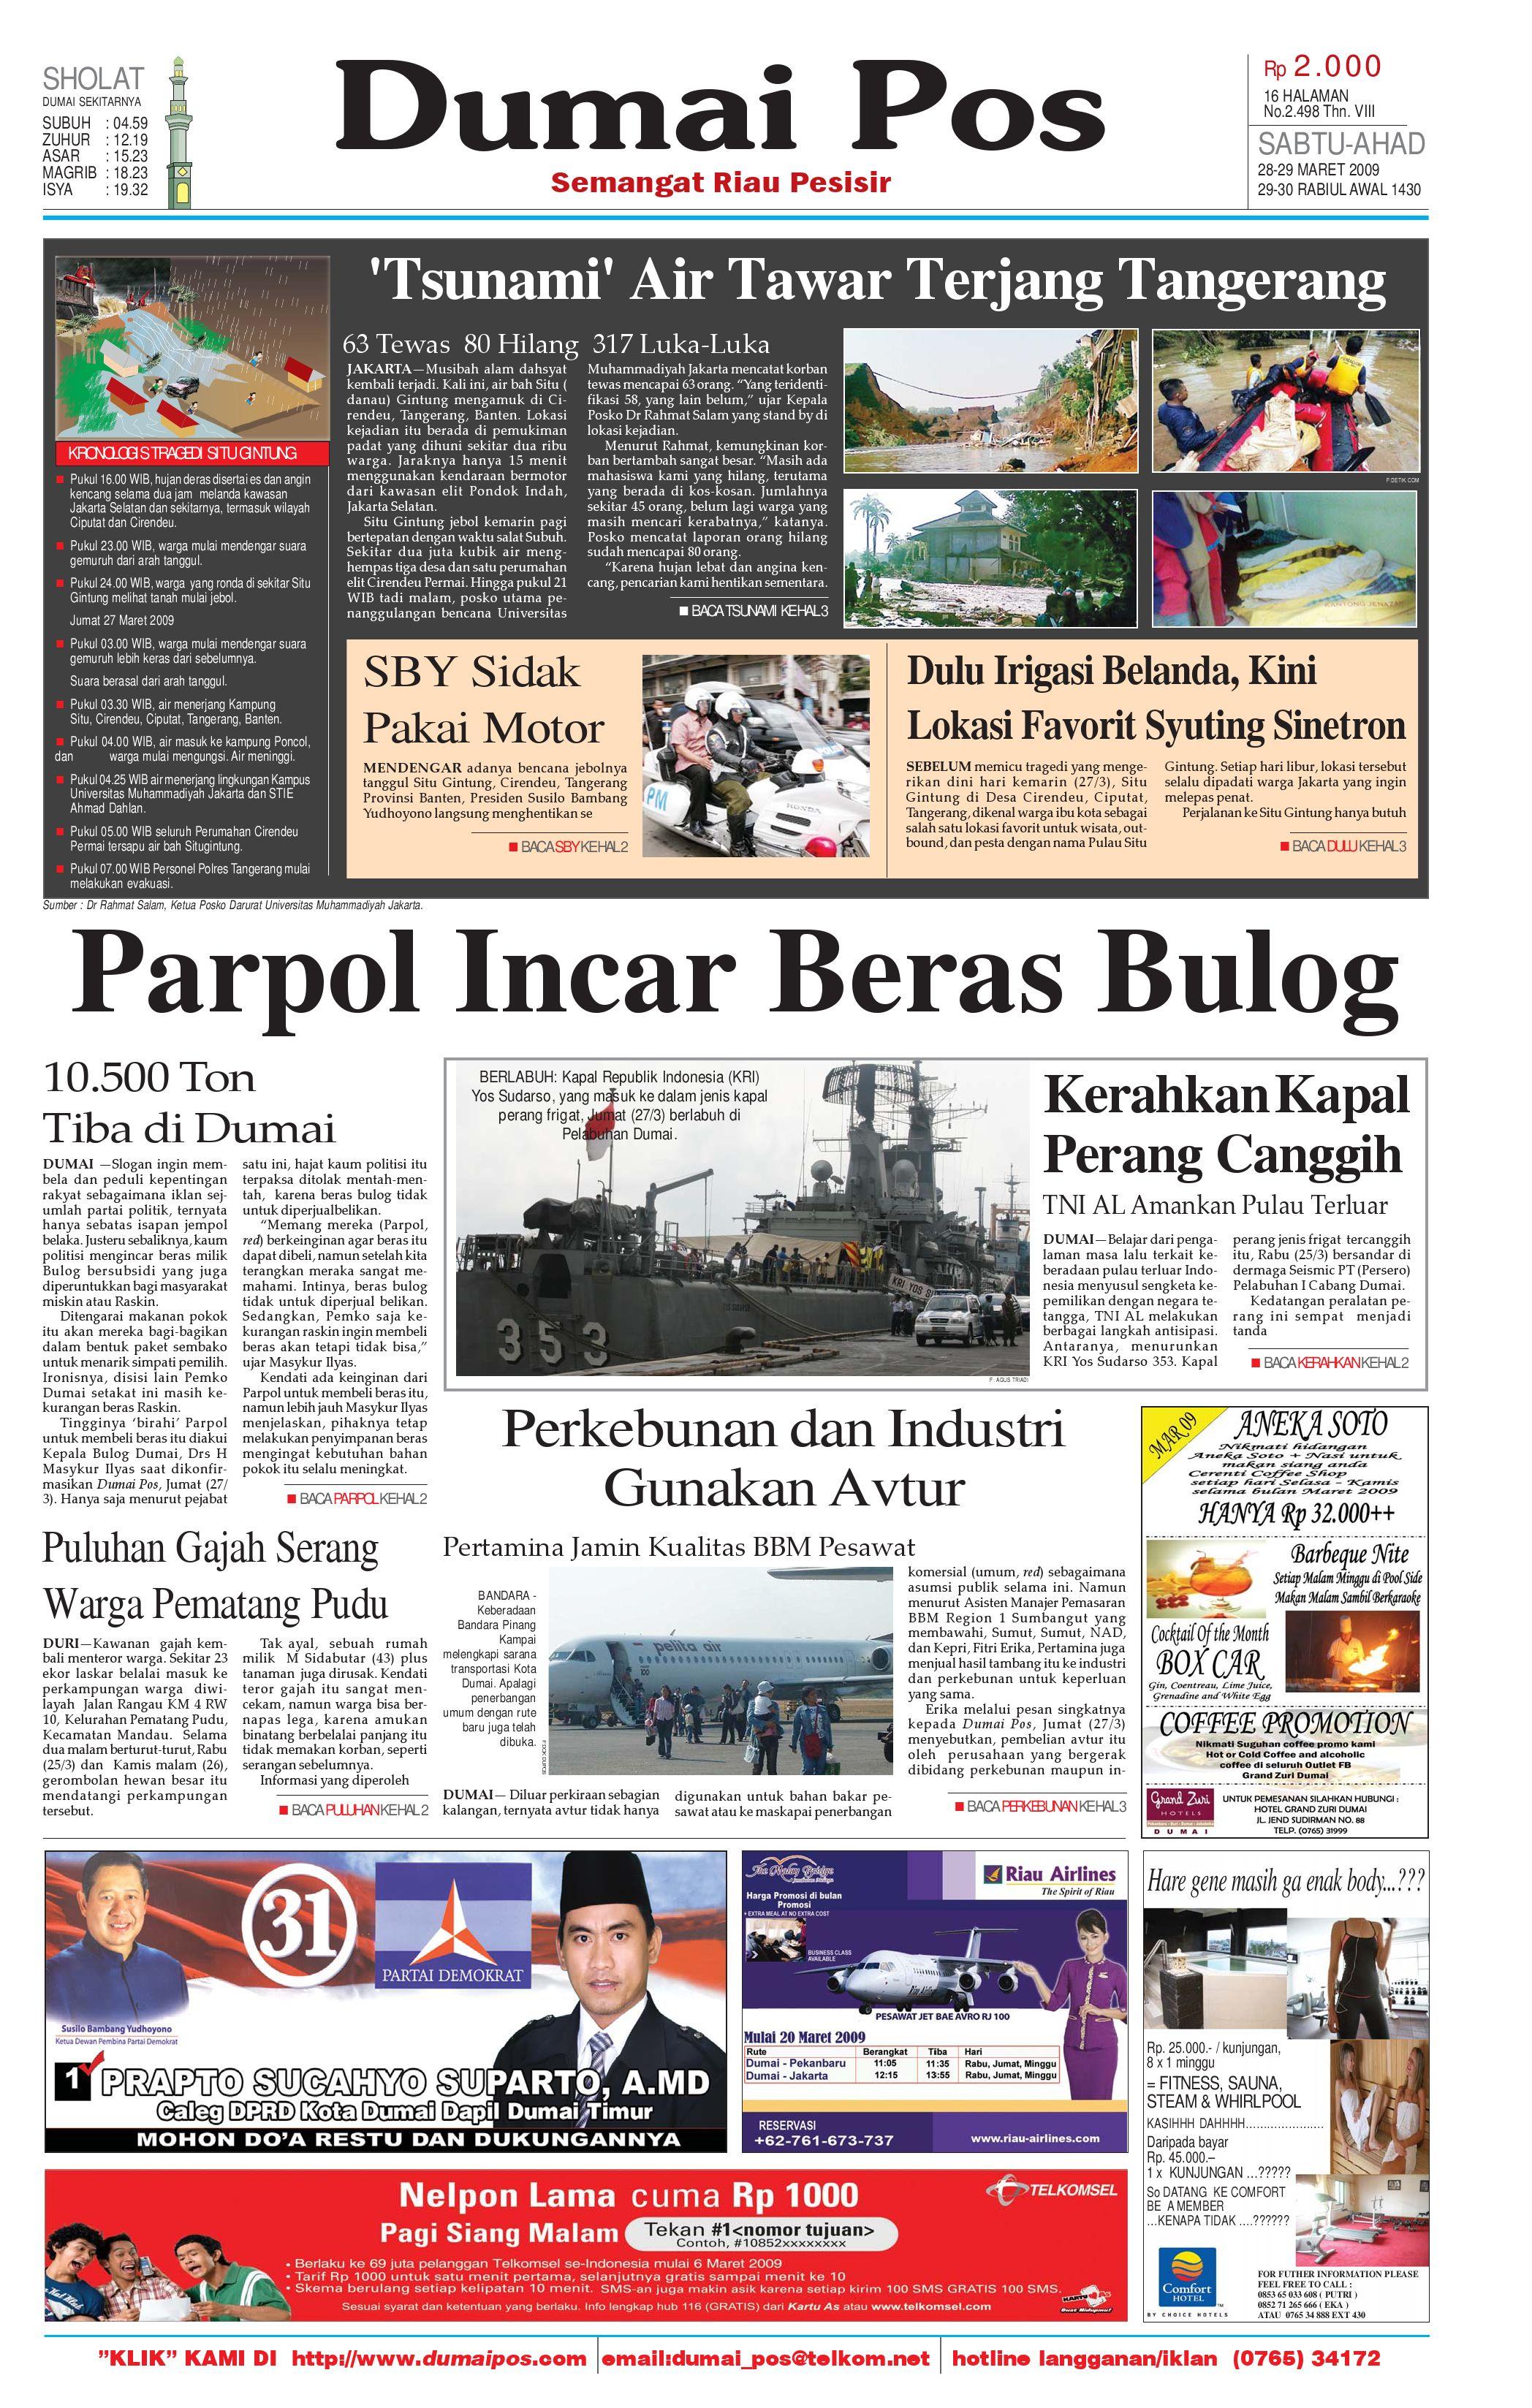 Dumai Pos 28 Maret 2009 By Issuu Kopi Bubuk Ridha Utama Smg